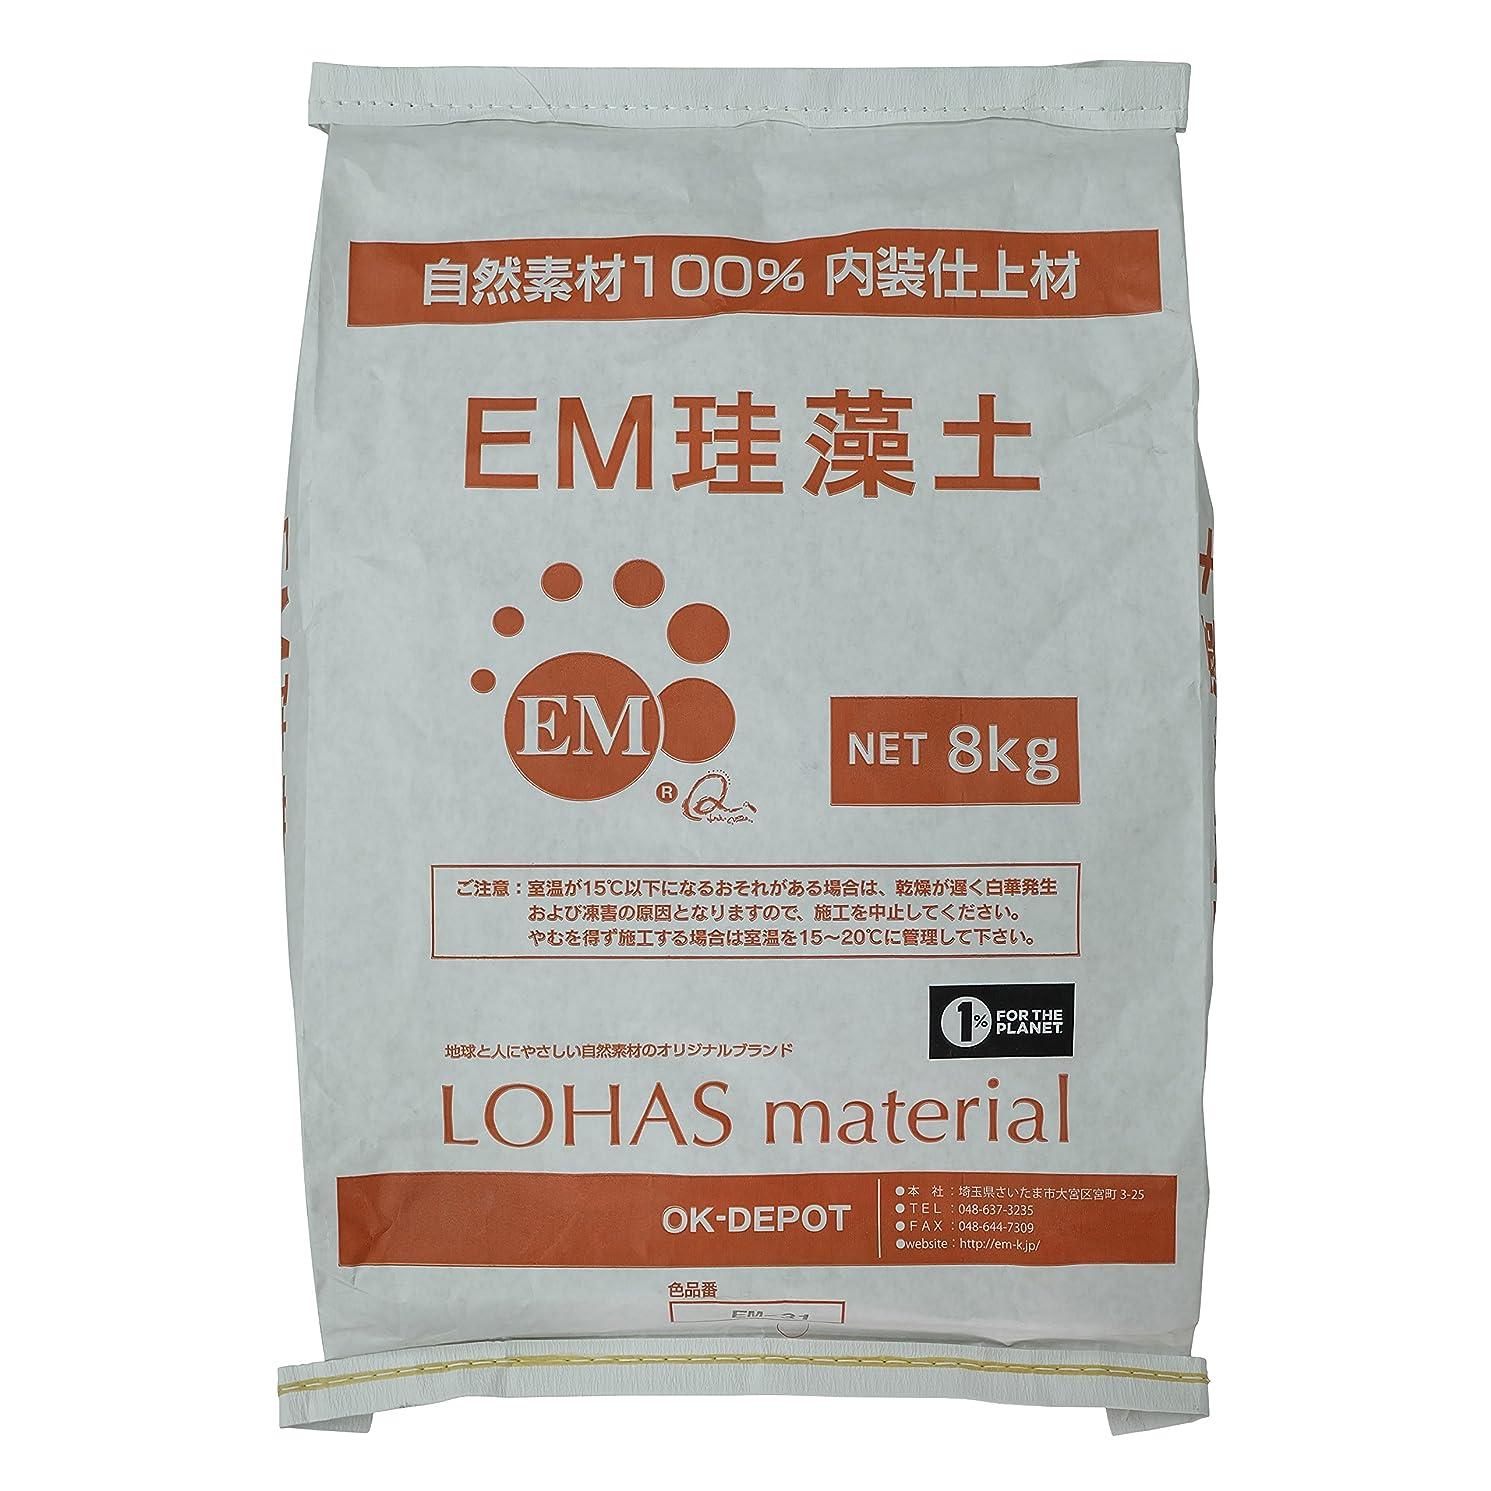 絶対に賞混乱OK-DEPOT/LOHAS material 自然素材100% EM珪藻土 淡墨(たんすみ) 8kg